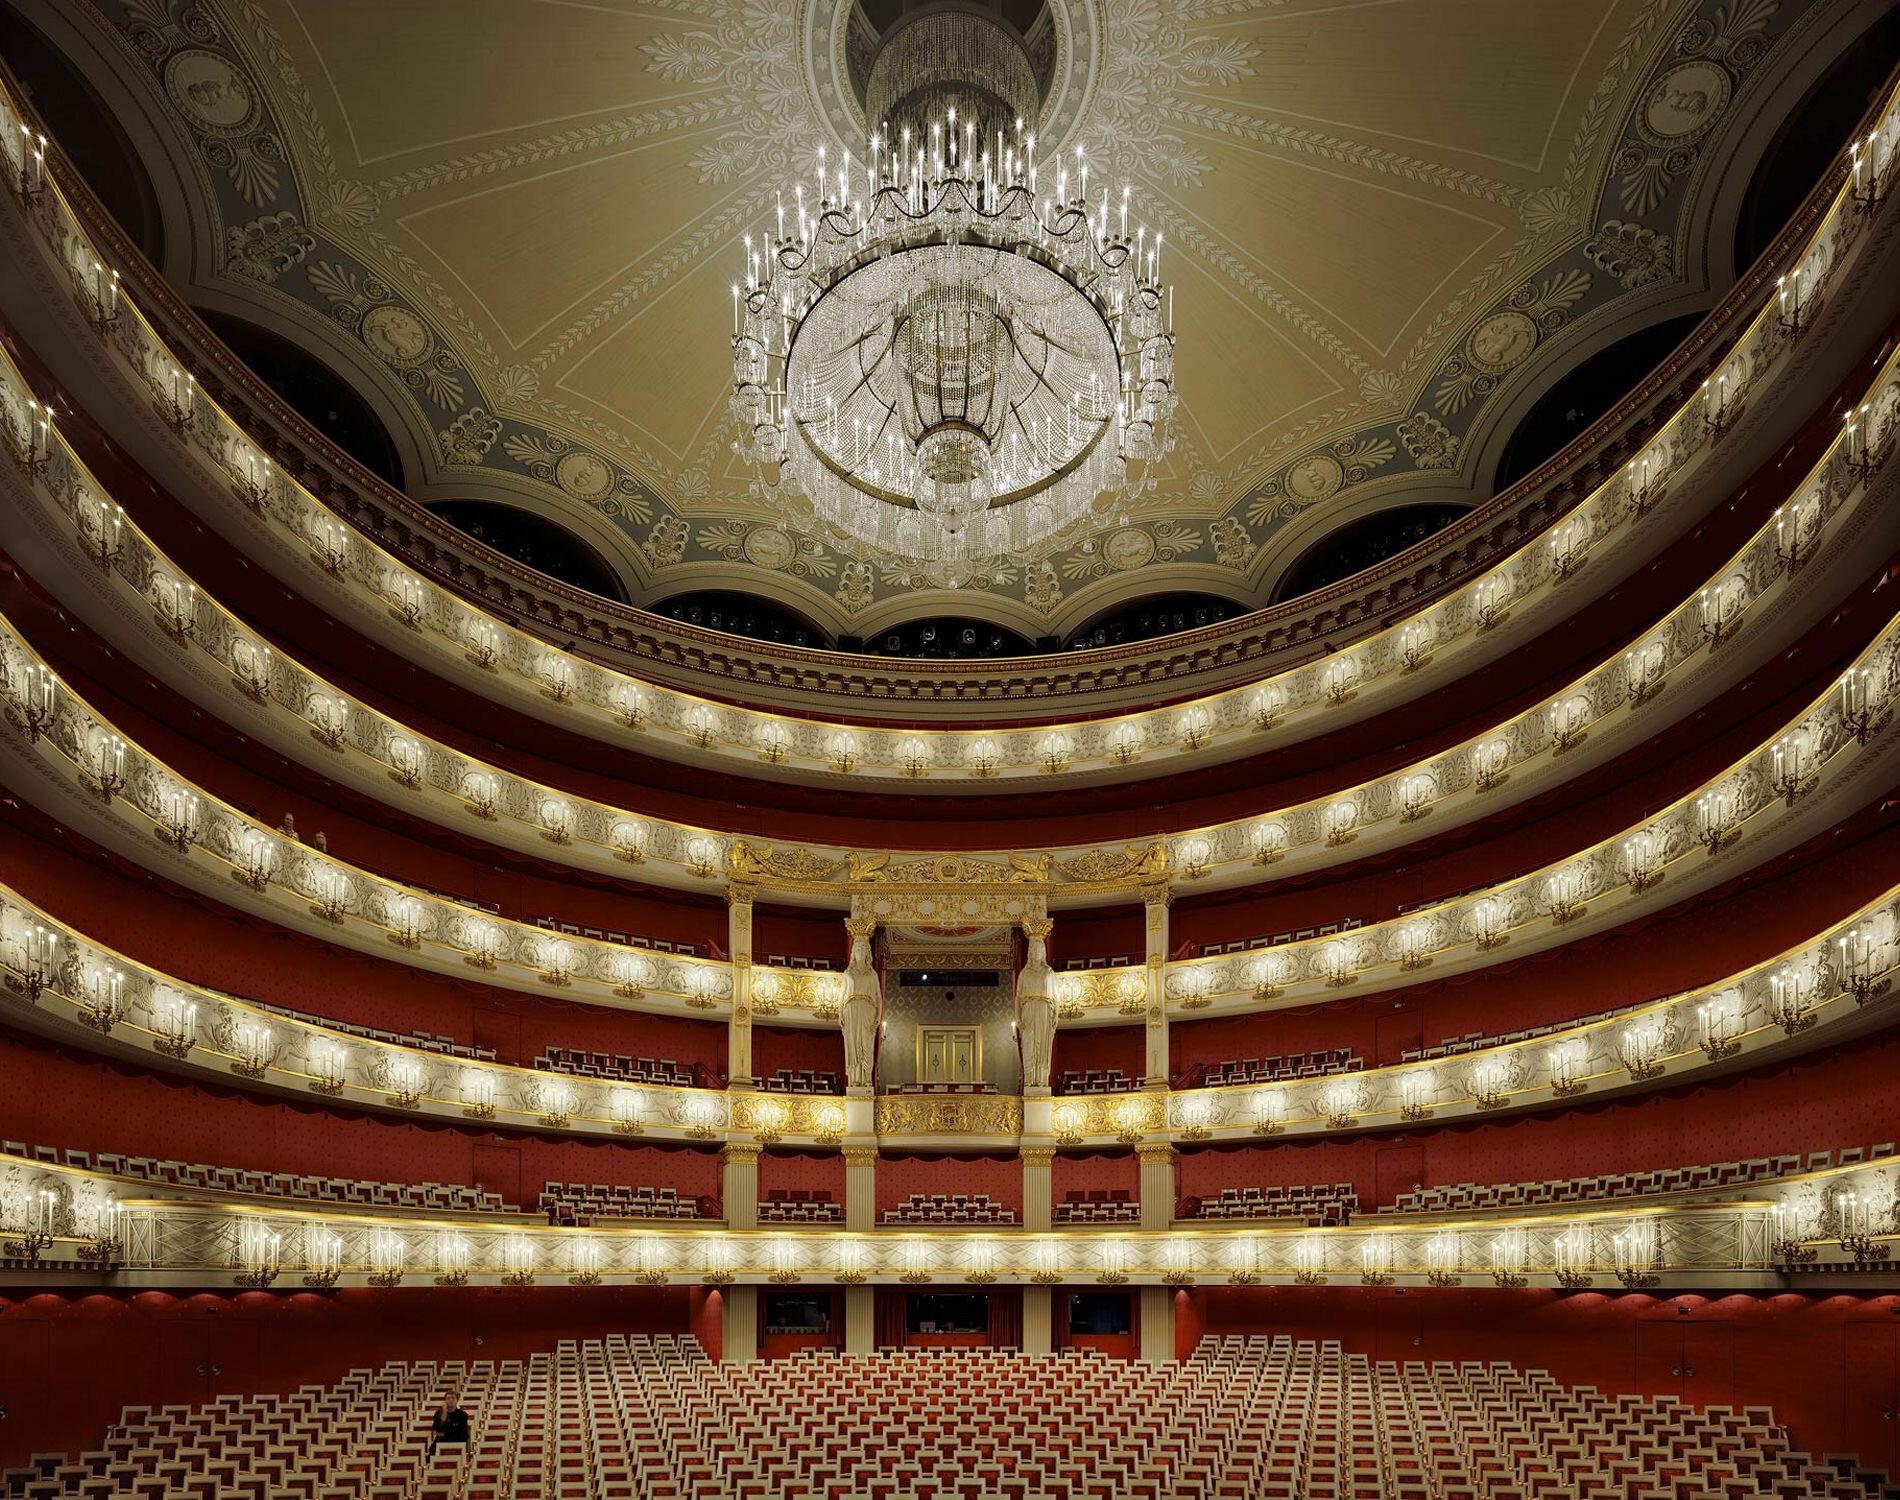 Баварская государственная опера, Мюнхен, 2009 год. Фотограф Дэвид Левенти